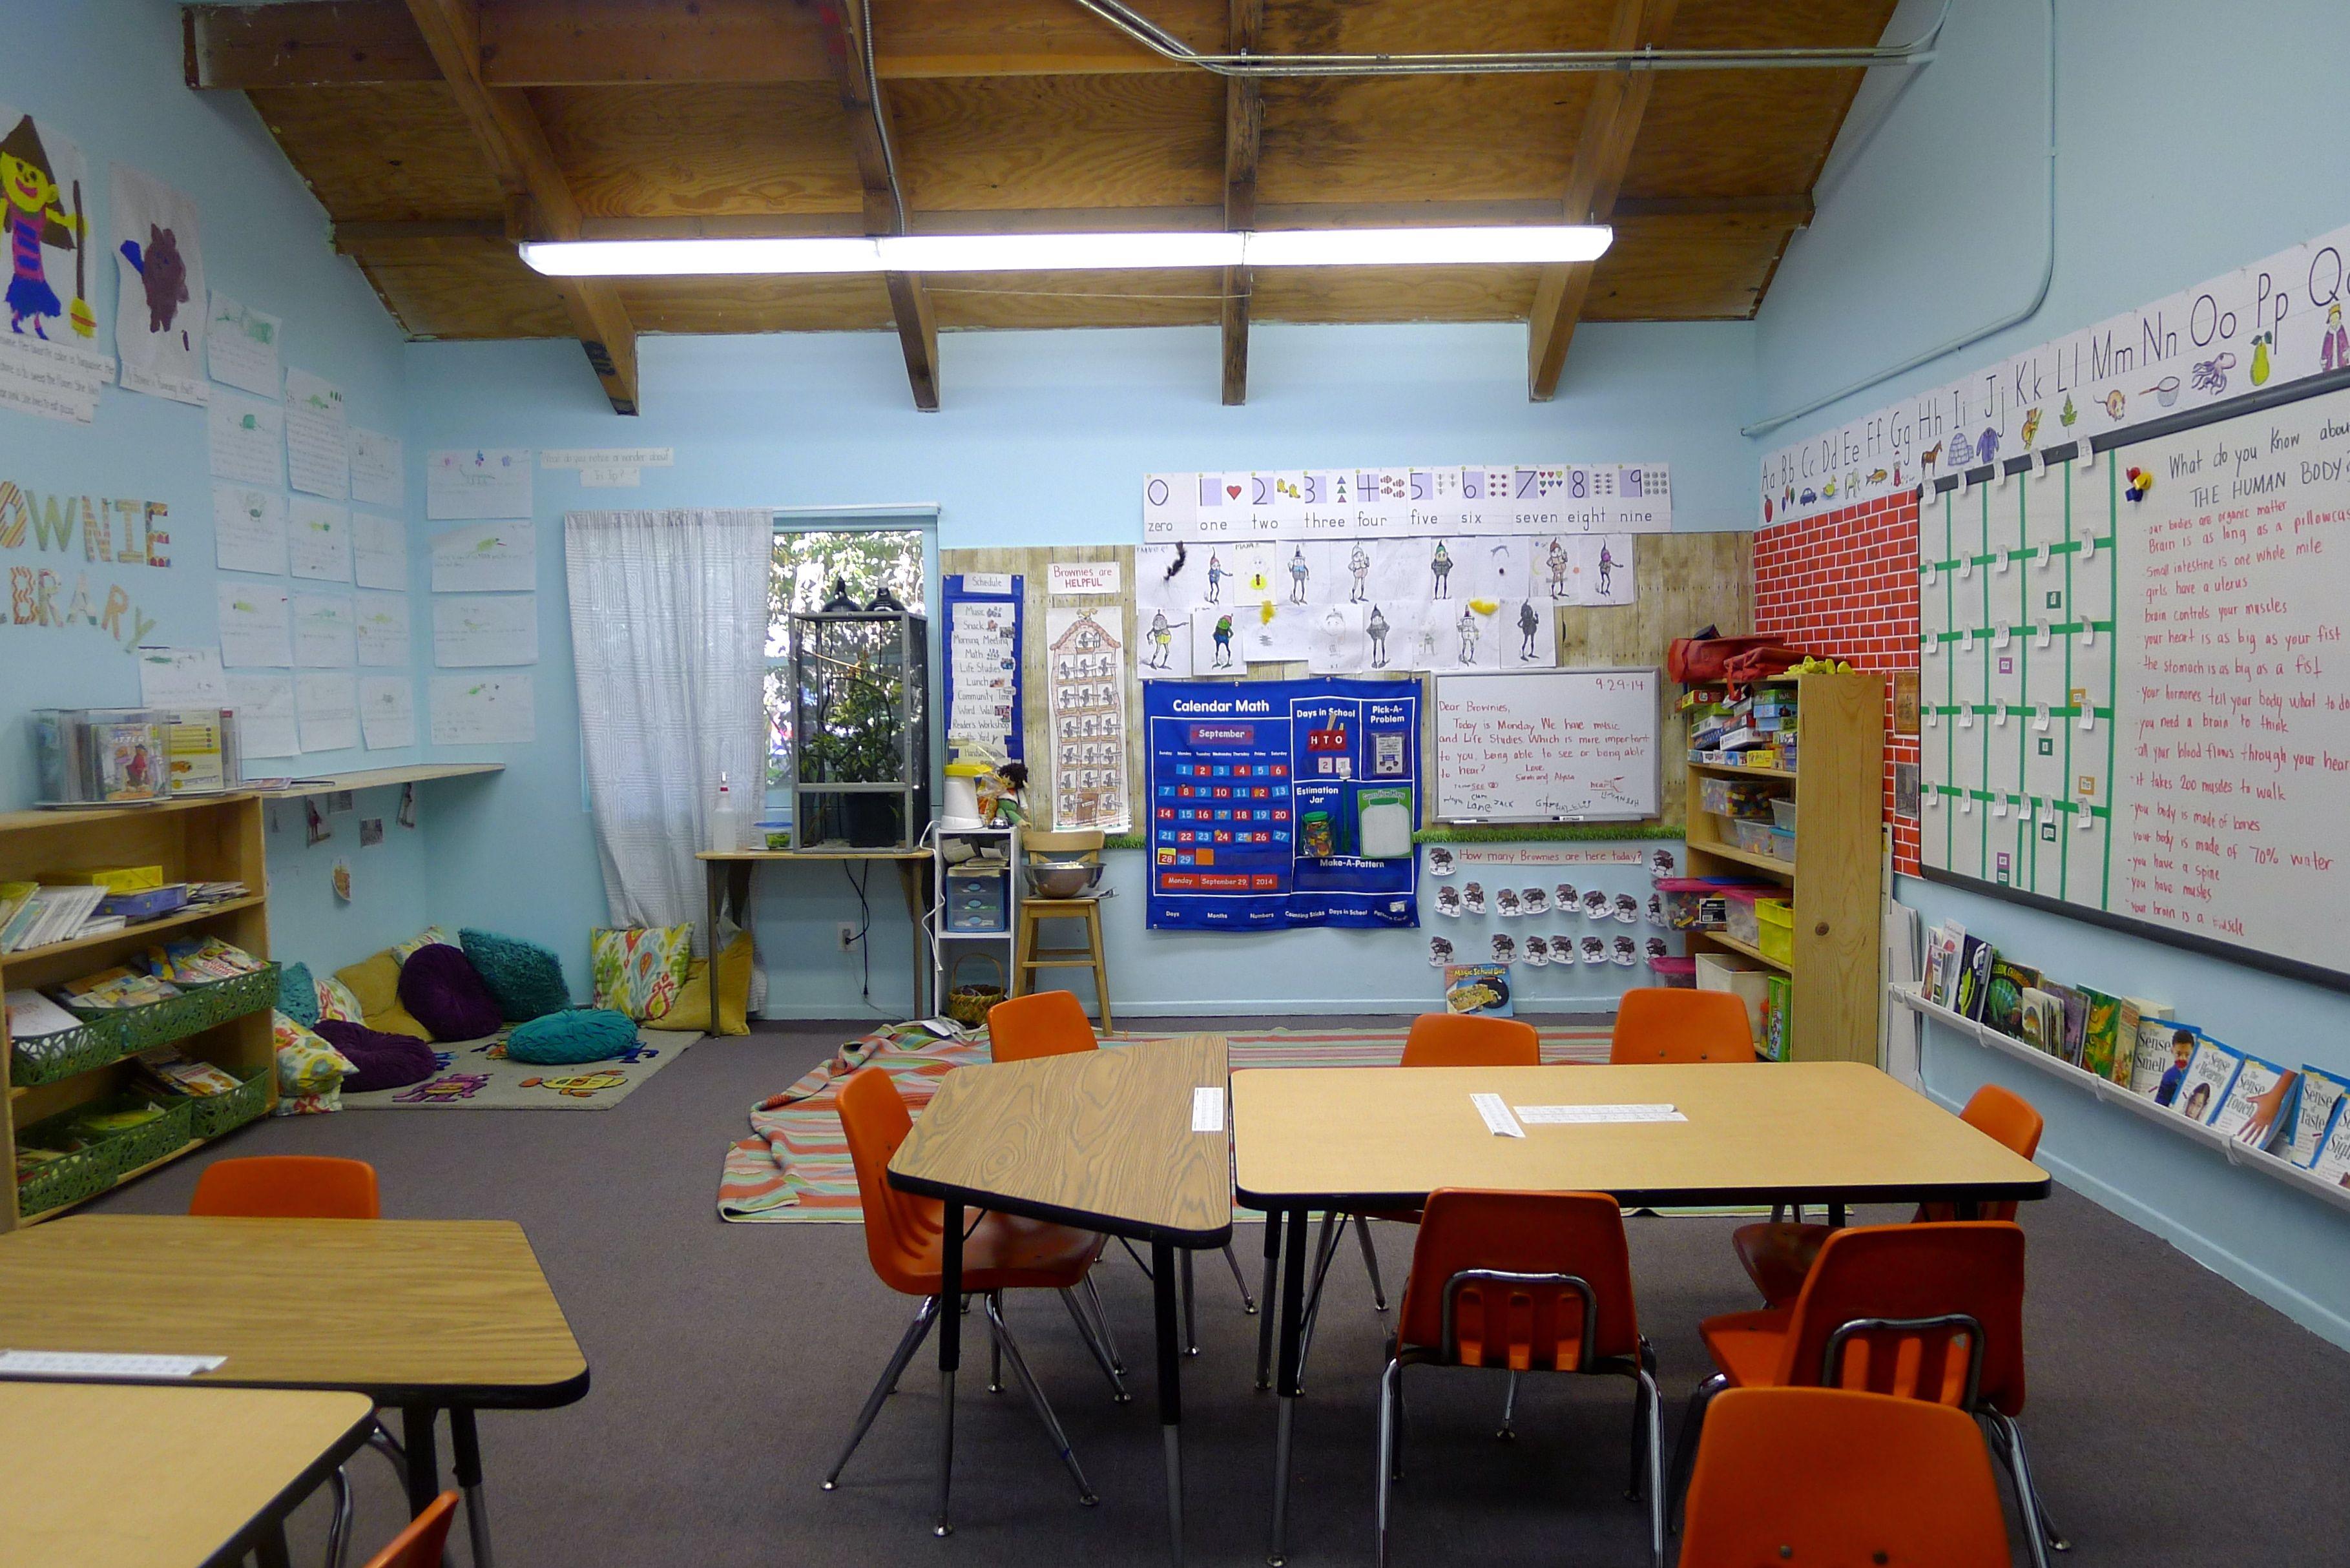 CCS Classroom 4